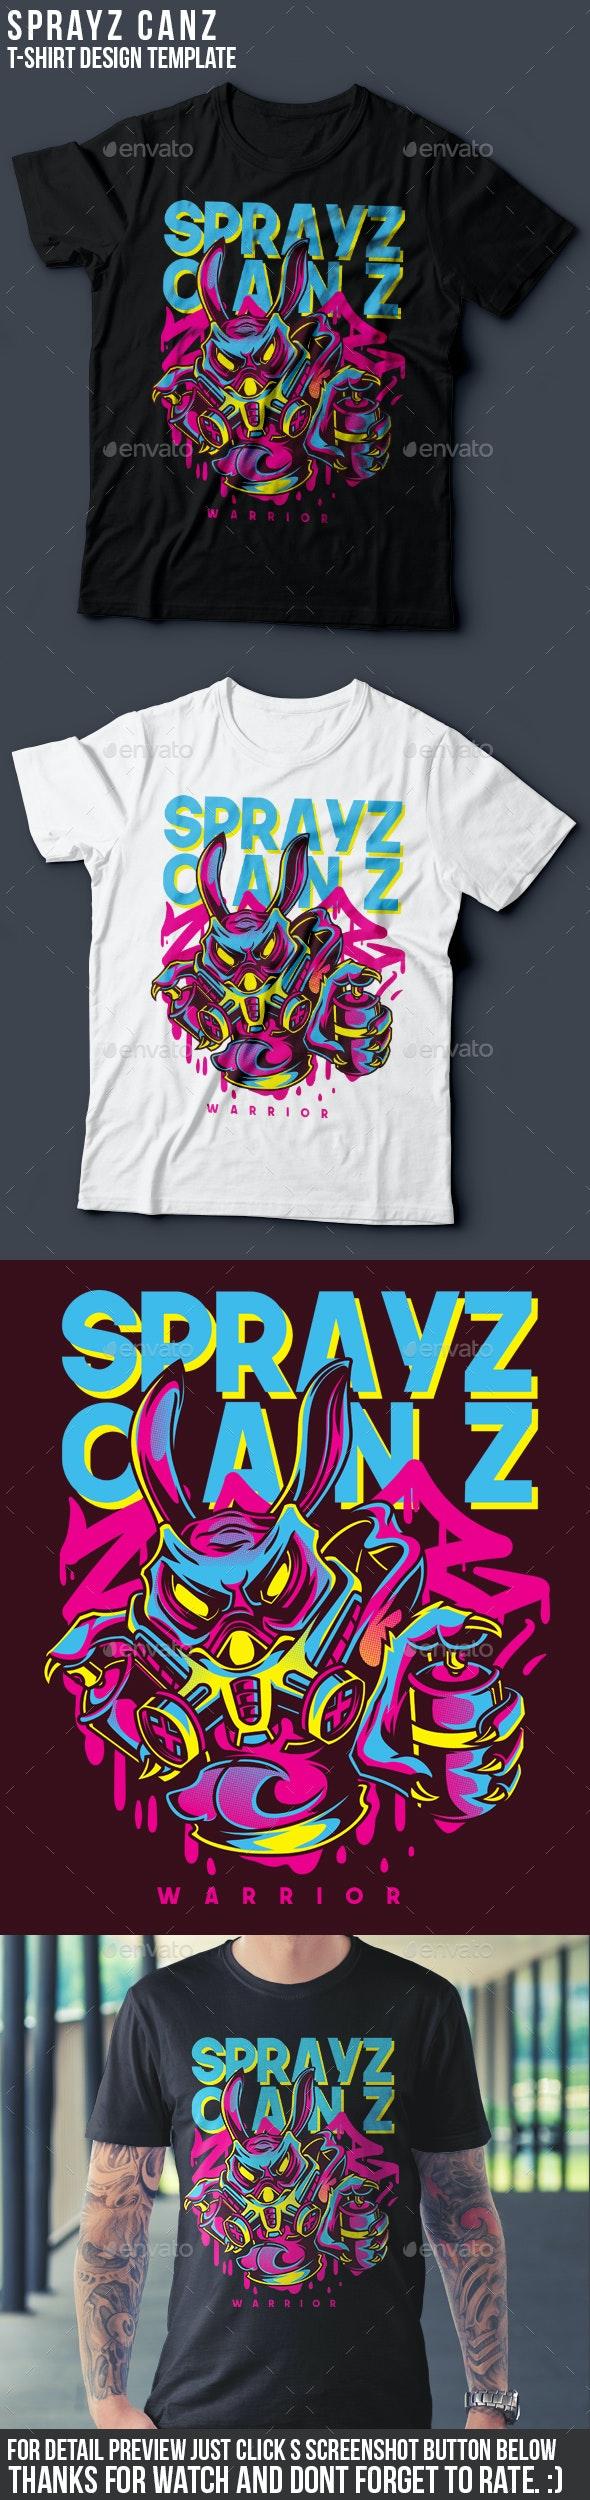 Sprayz Canz T-Shirt Design - Funny Designs